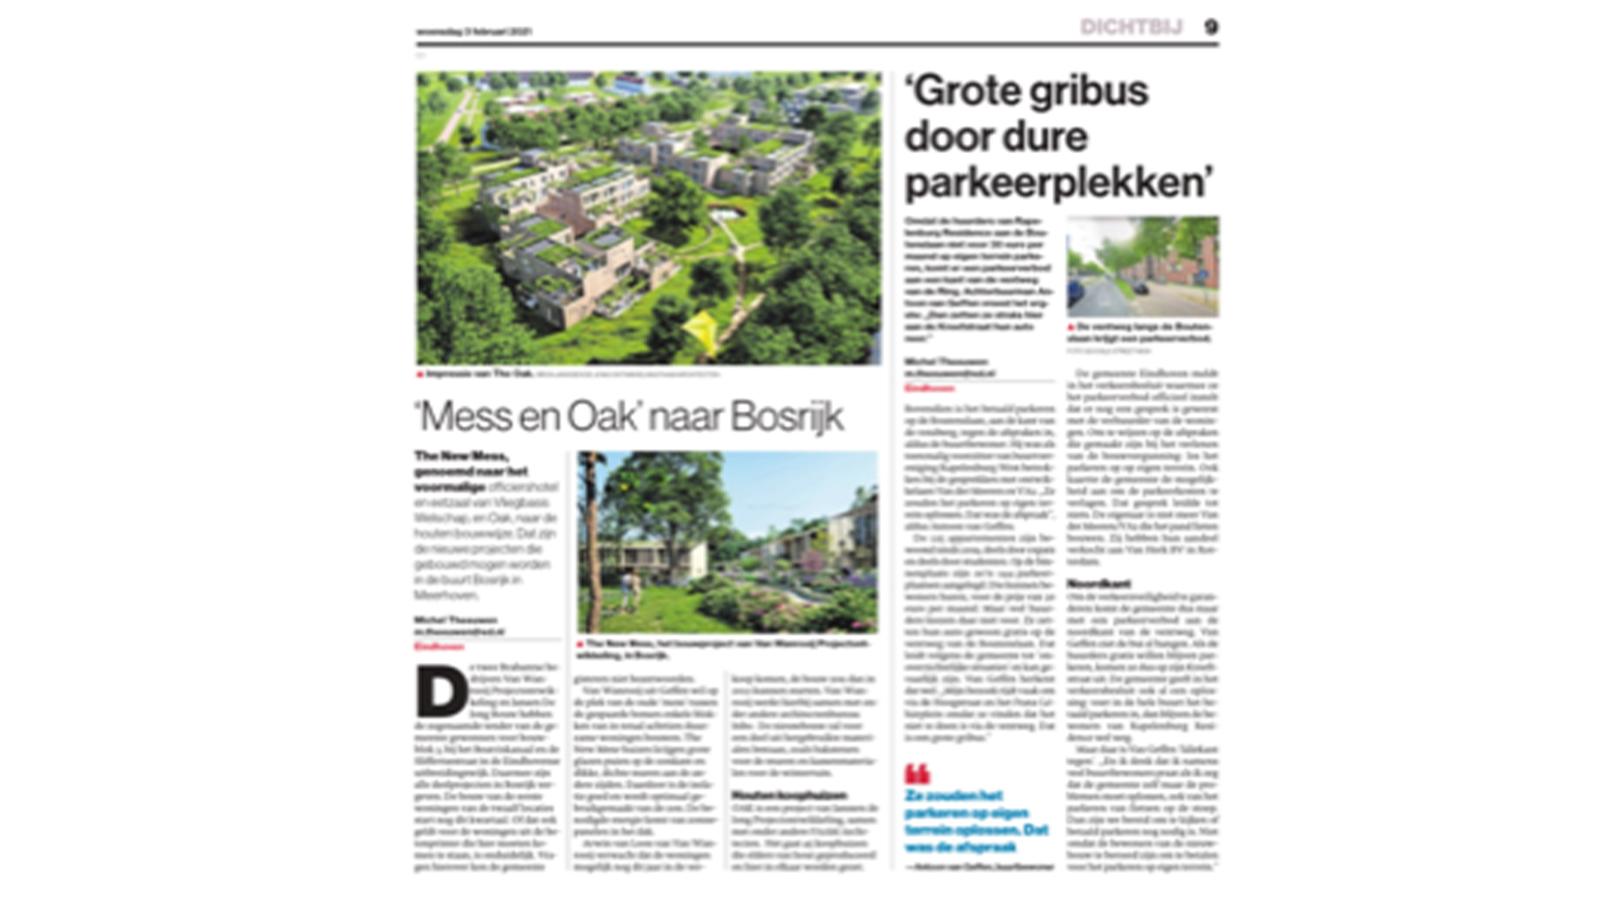 ED - OAK Bosrijk 20210202.jpg